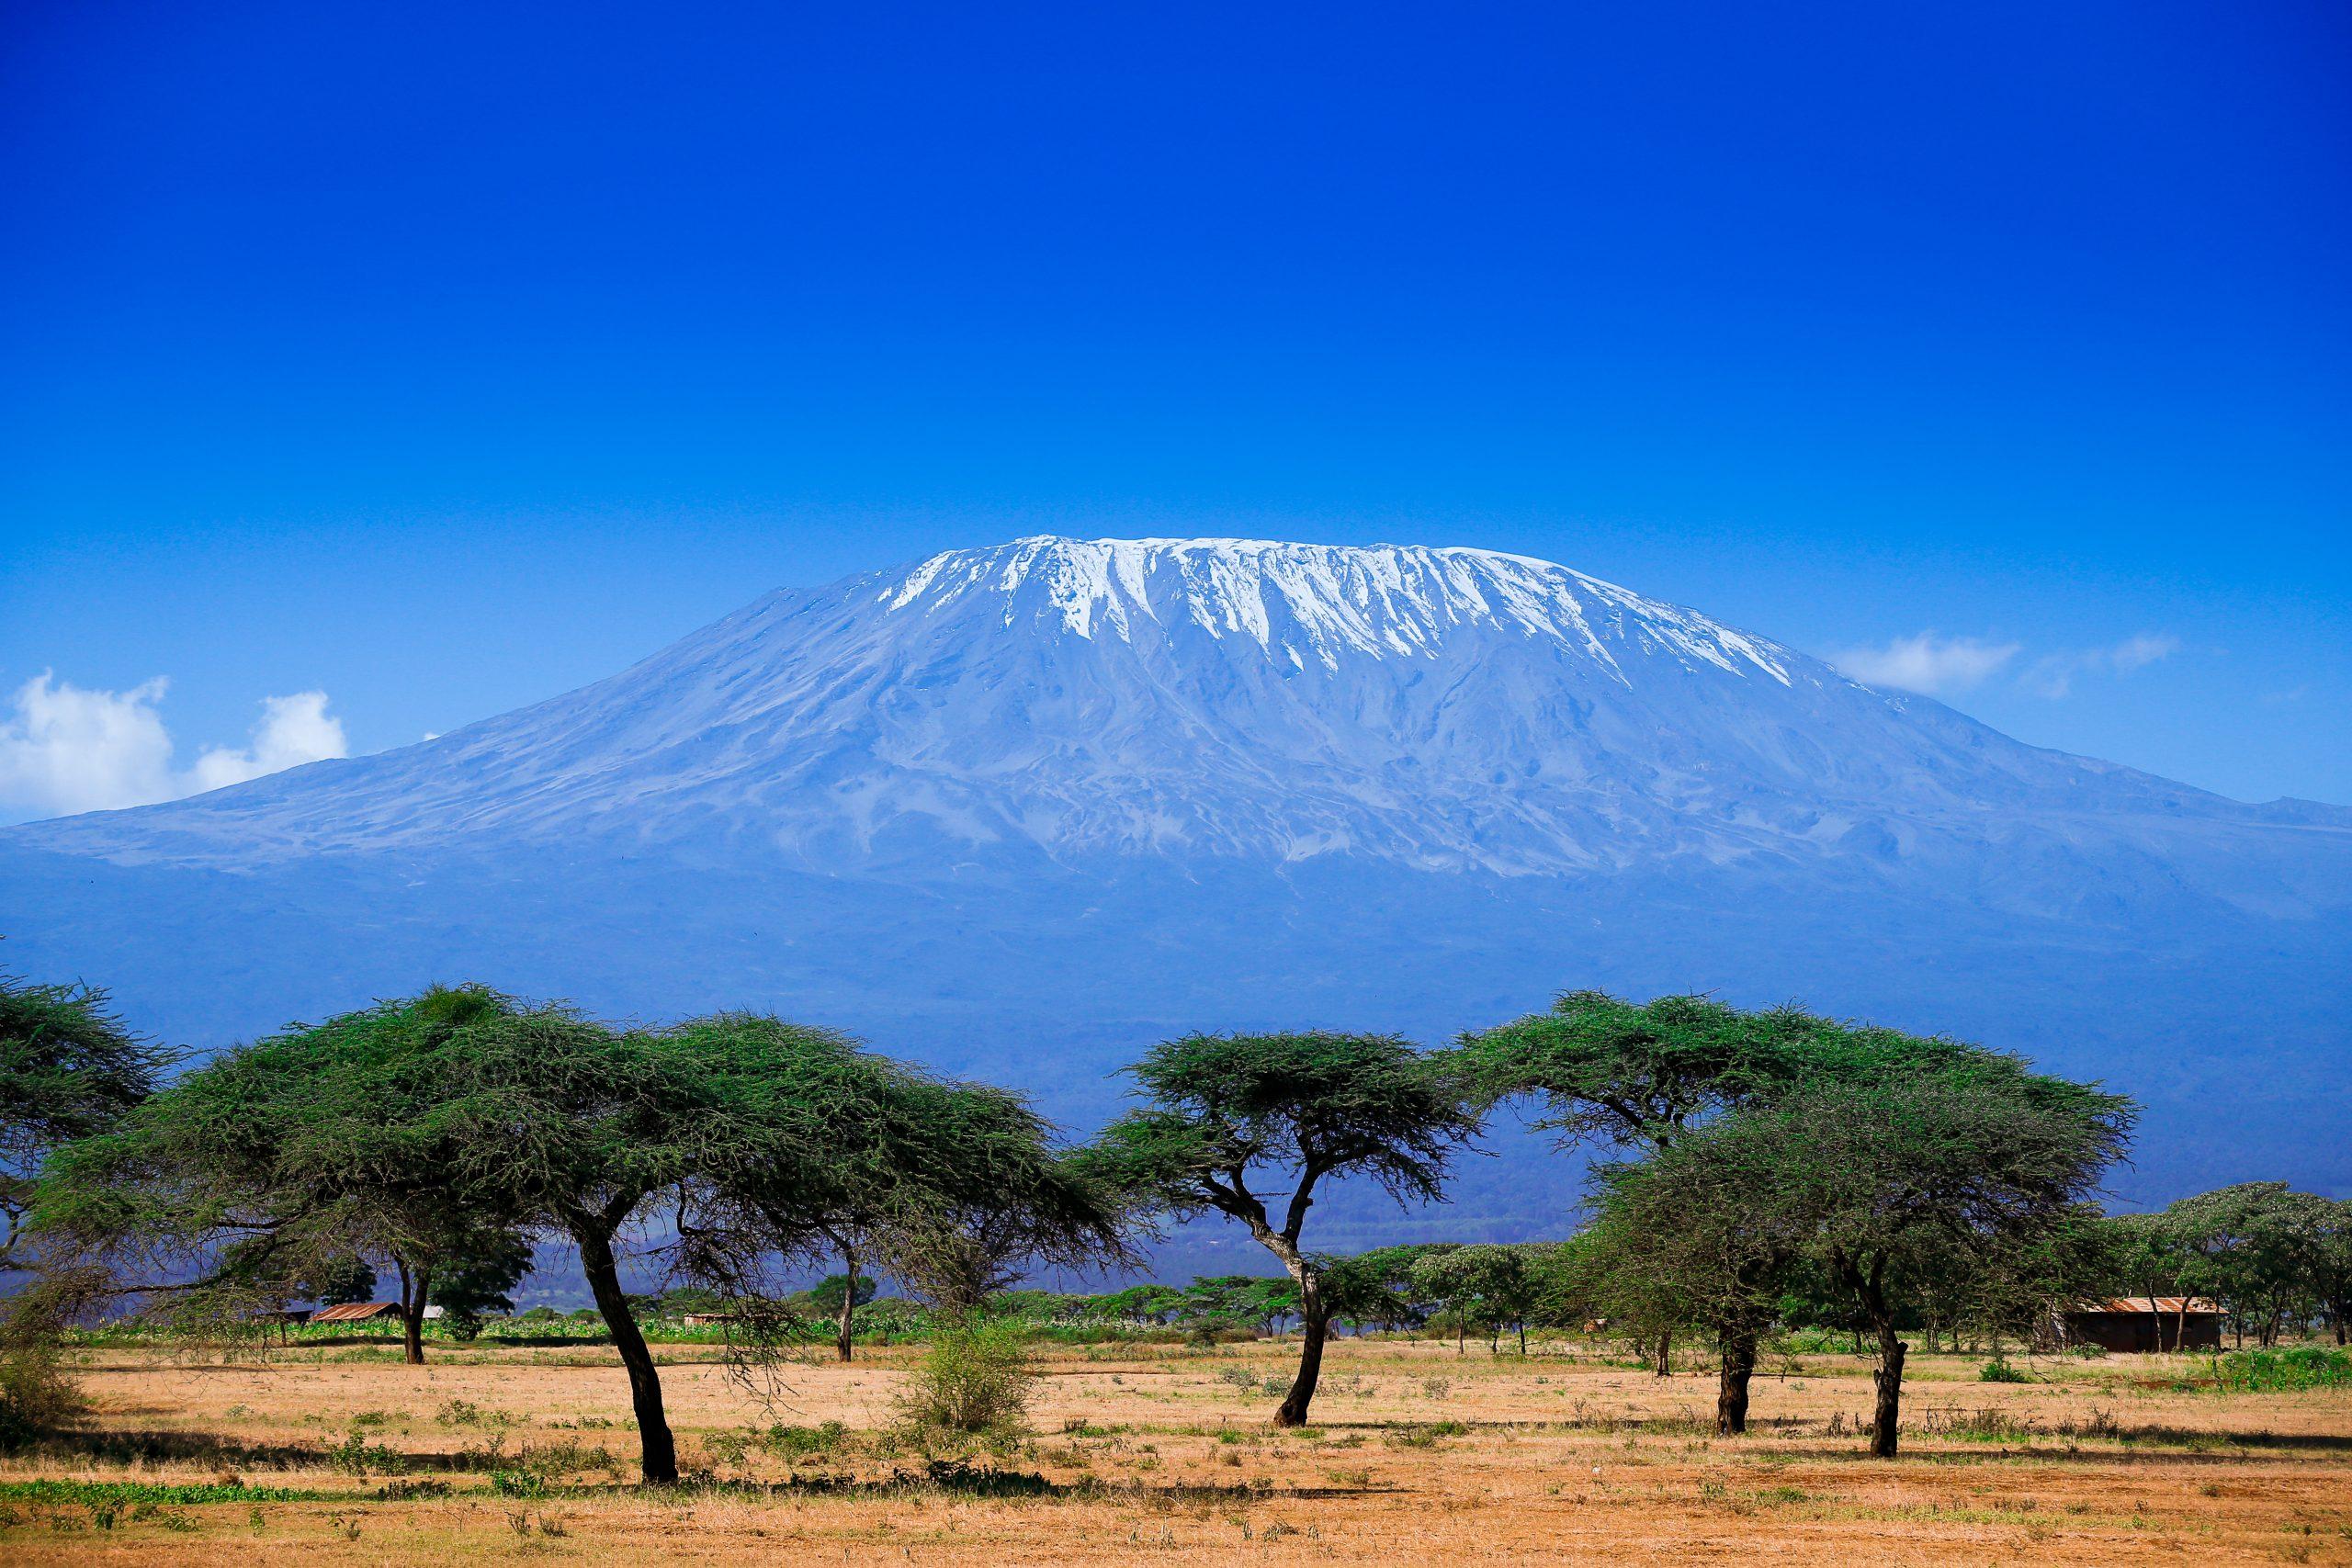 Mount Kilimanjaro in Tanzania